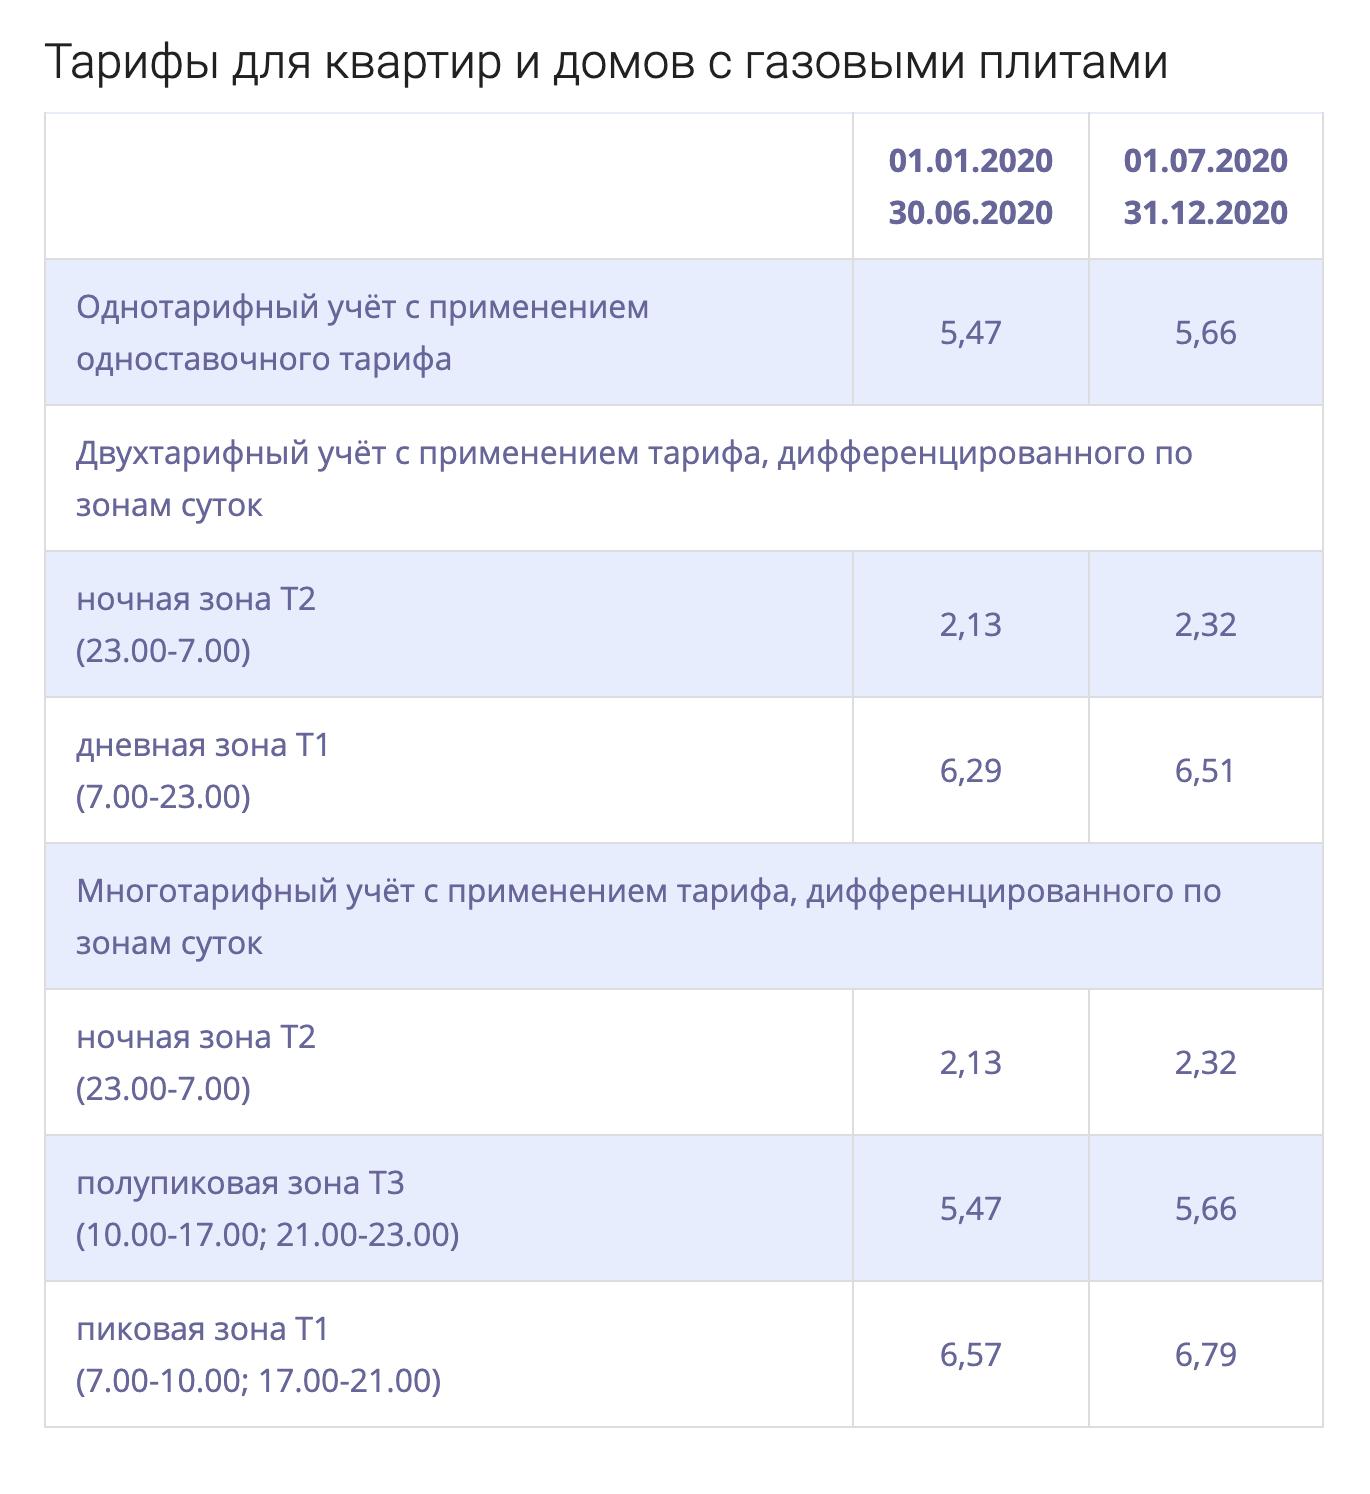 Тарифы для газифицированных домов в Москве с сайта Мосэнергосбыта